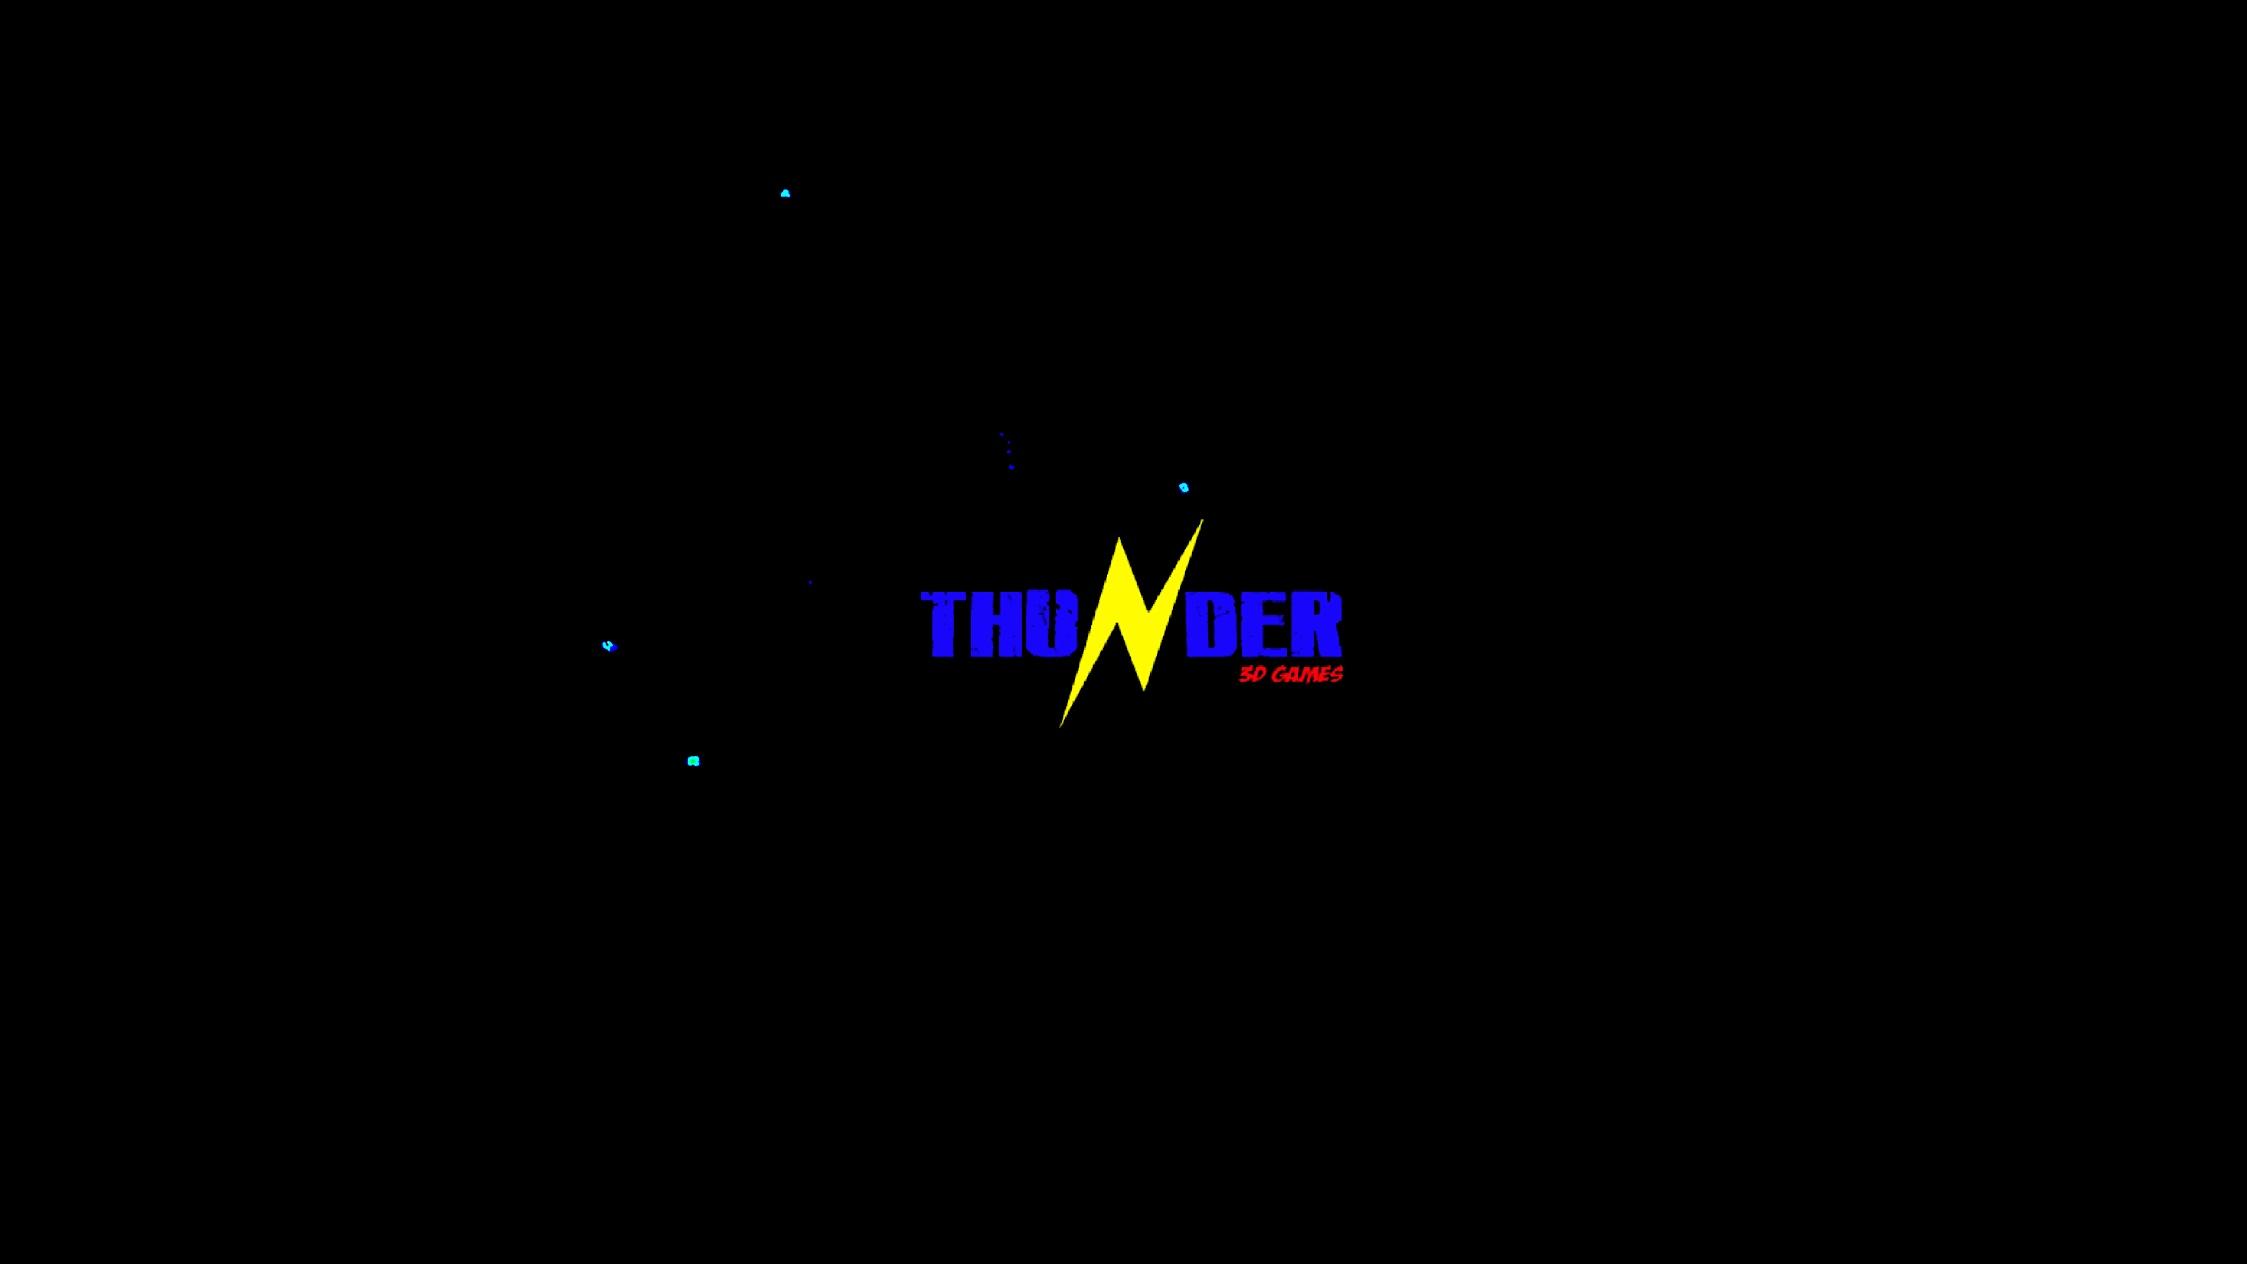 Thunder 3D Games